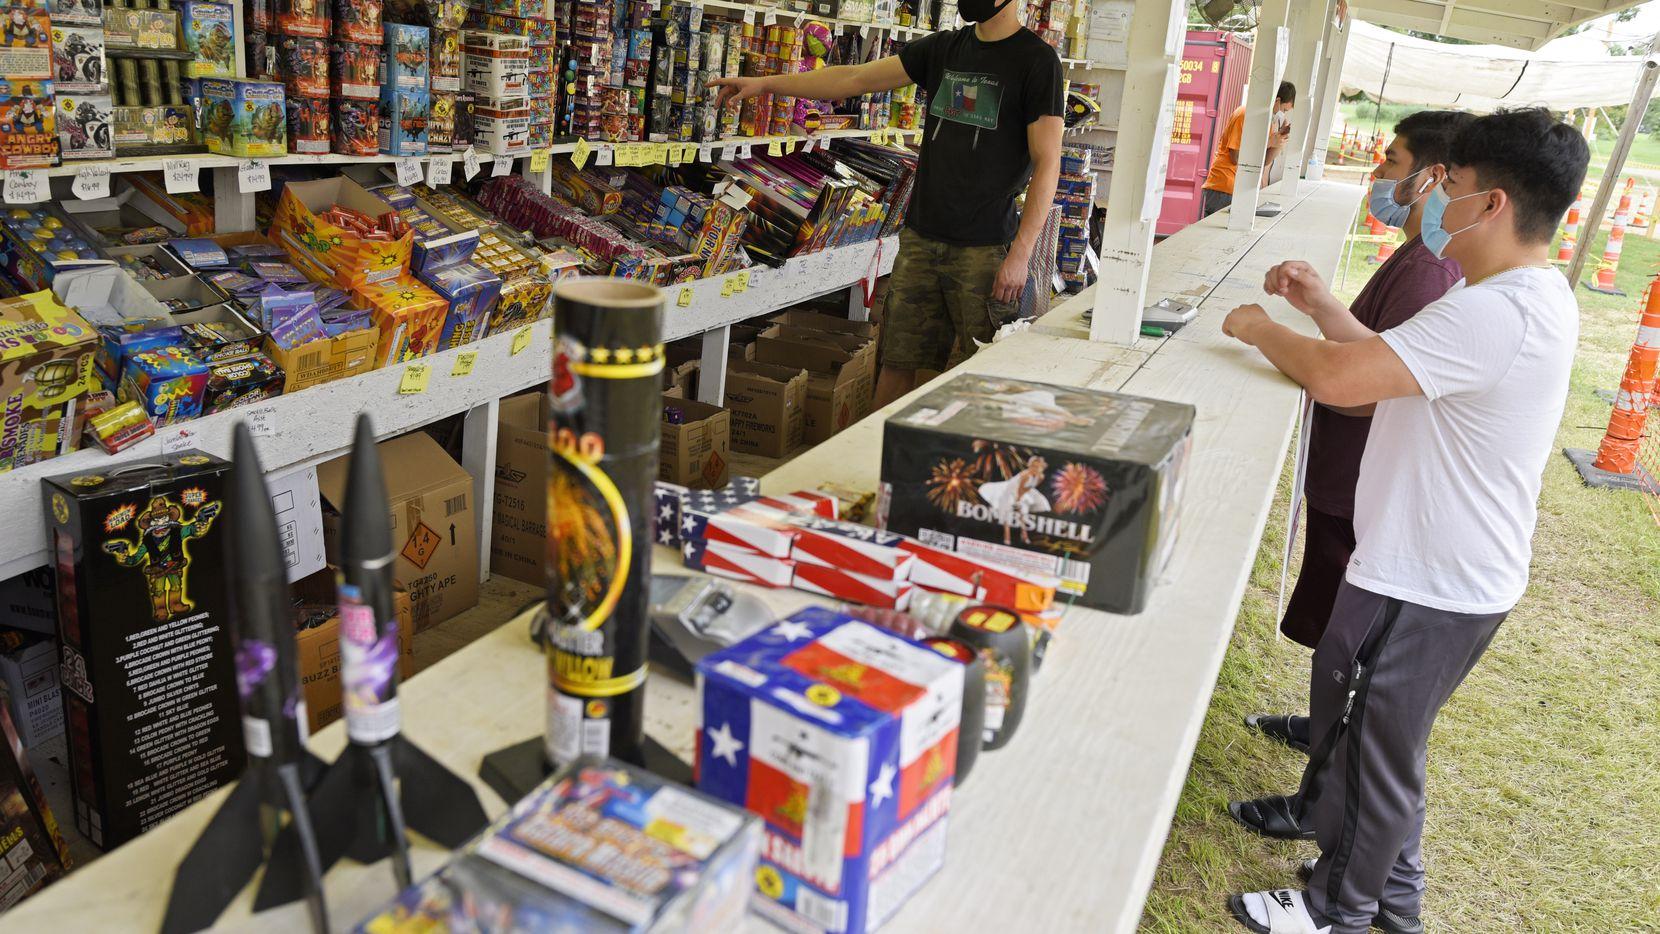 El vendedor Colton Lusk (izq.( ayuda a Cristian López, de 17 años y José Cervera a comprar juegos pirotécnicos en Farmers Fireworks. El dueño de este local afirma que ha vendido más fuegos artificiales que nunca.